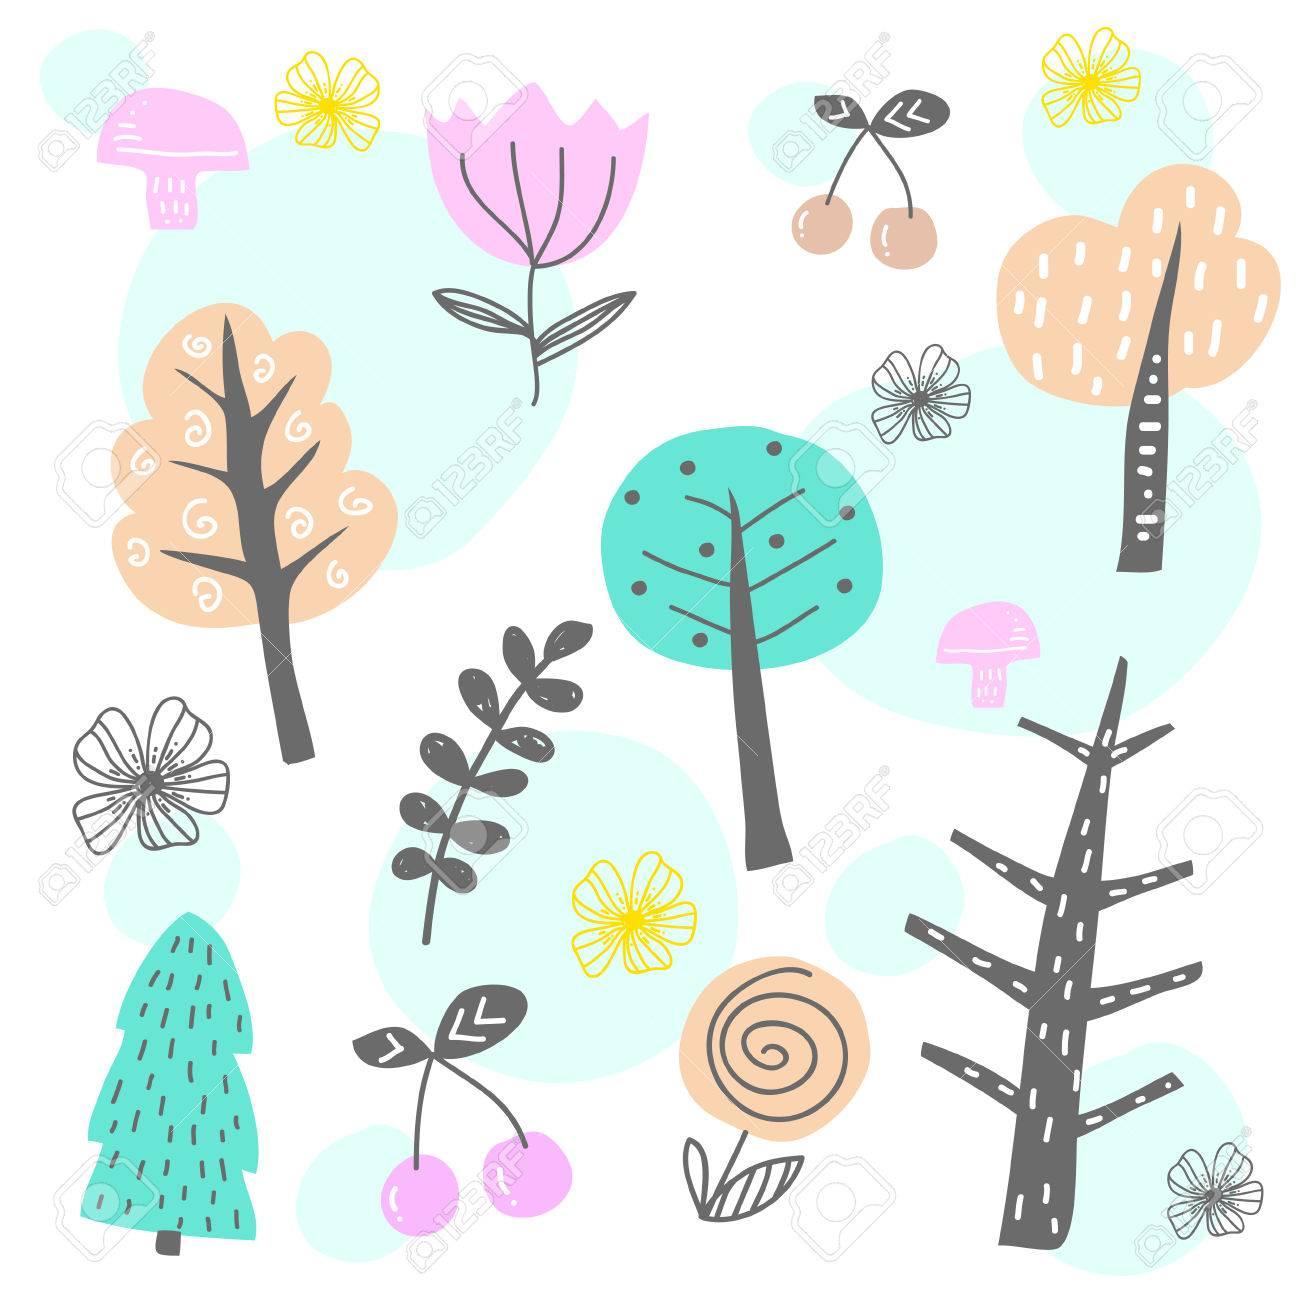 Patrón Sin Costuras Con árboles Y Flores. Fondo Del Bosque Los Niños ...